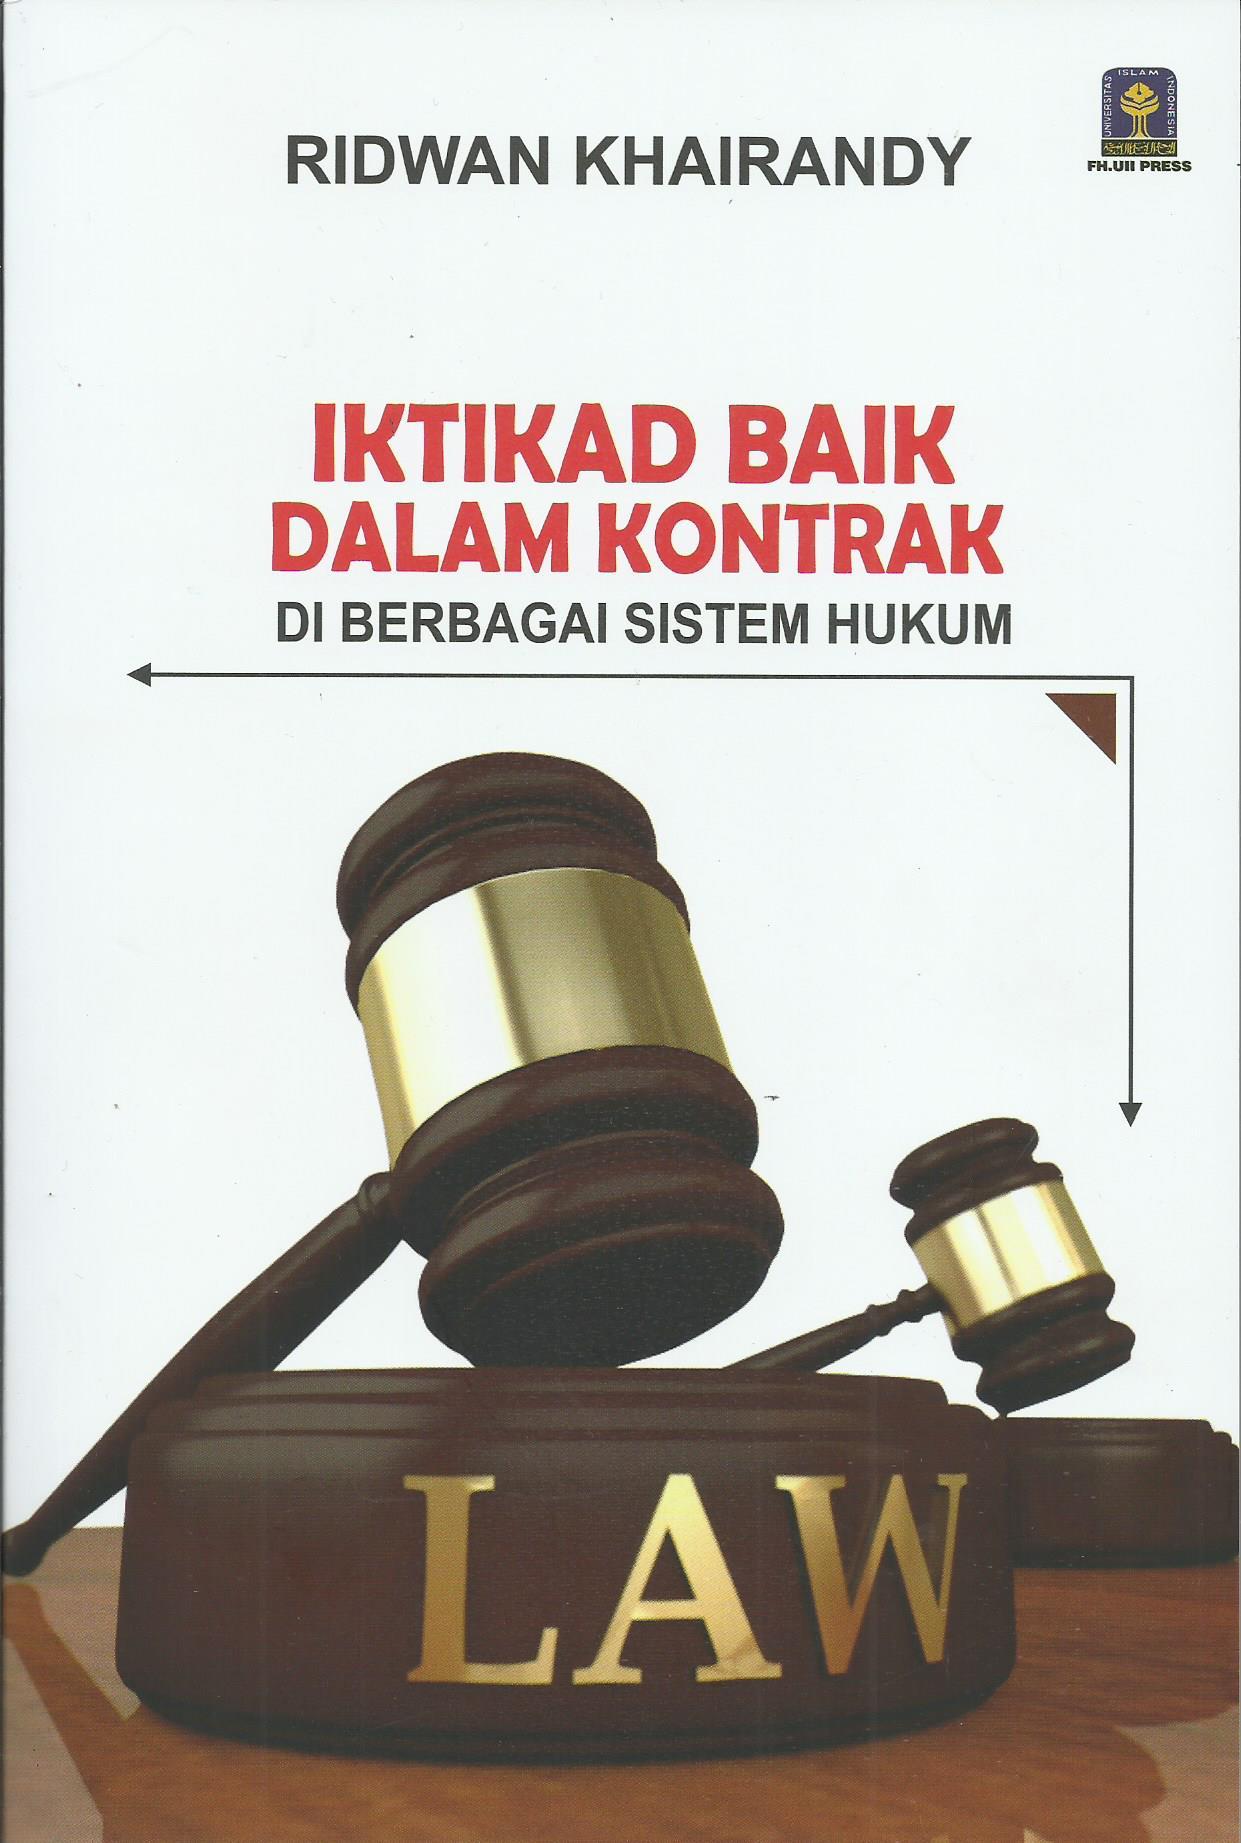 Iktikad Baik Dalam Kontrak Di Berbagai Sistem Hukum